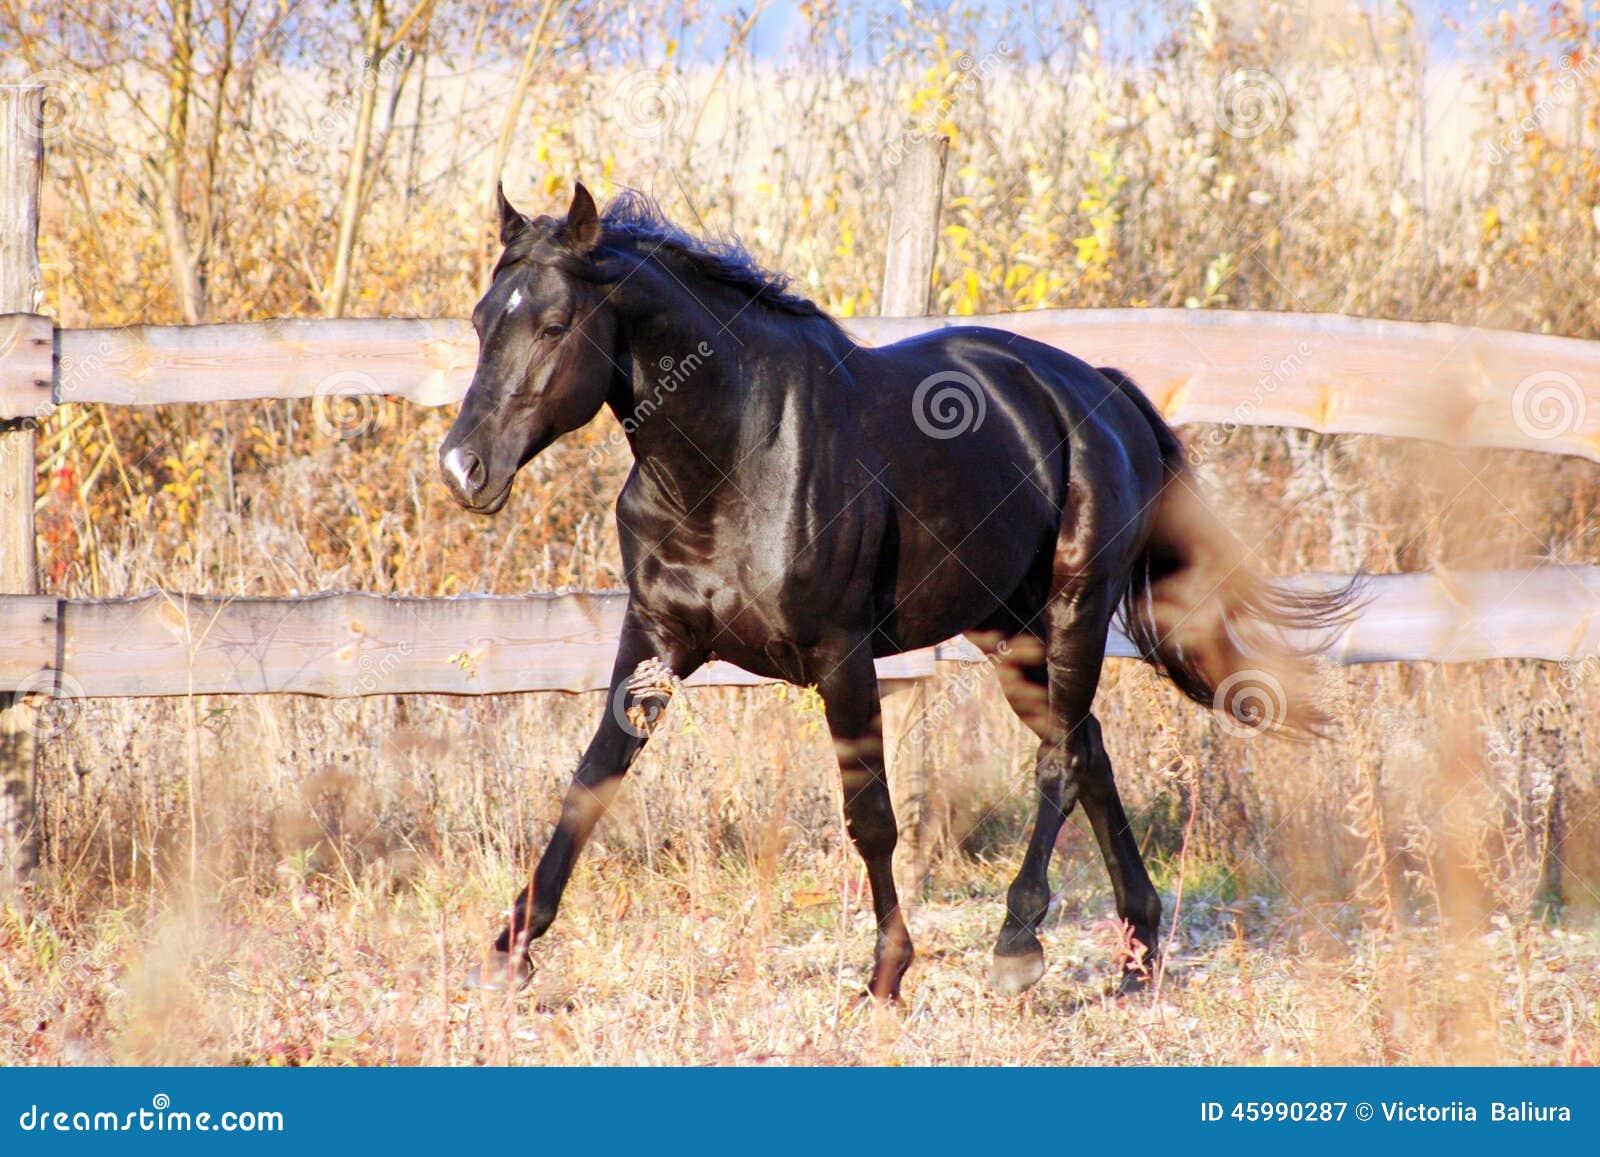 Ukrainian Stallion Horse Breed Stock Image Image Of Ukrainian Black 45990287